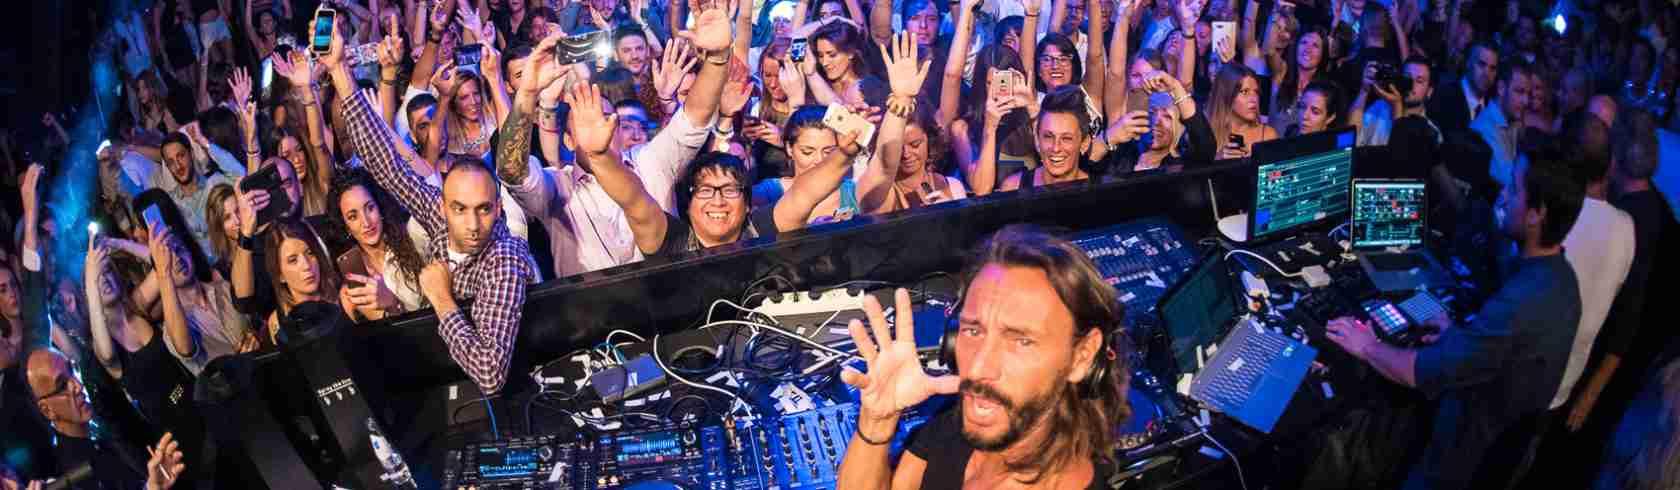 La Discoteca Sesto Senso è una delle destinazioni preferite dalle escorty Desenzano dove fare incontri con persone facoltose.. Magica Escort.